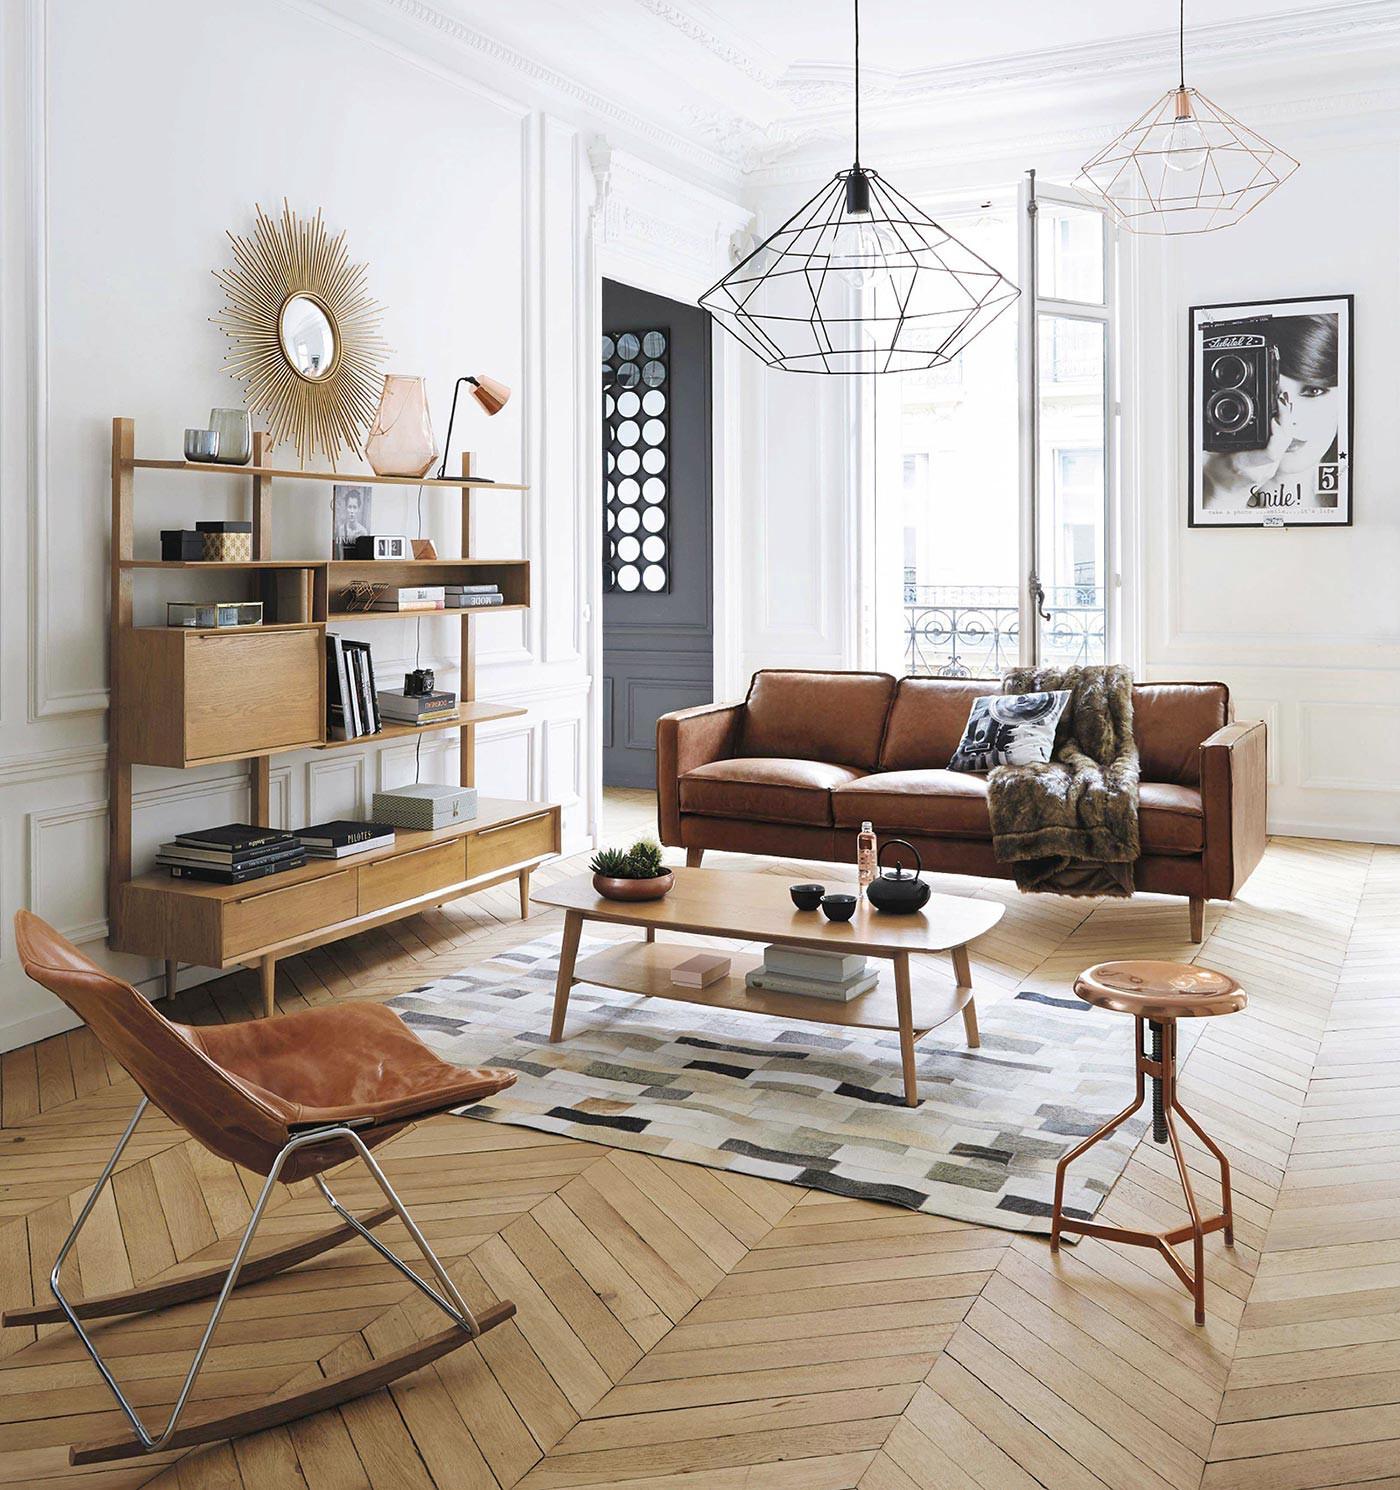 Furnitur dapat membuat ruangan tampil dengan lebih dinamis - source: medium.com